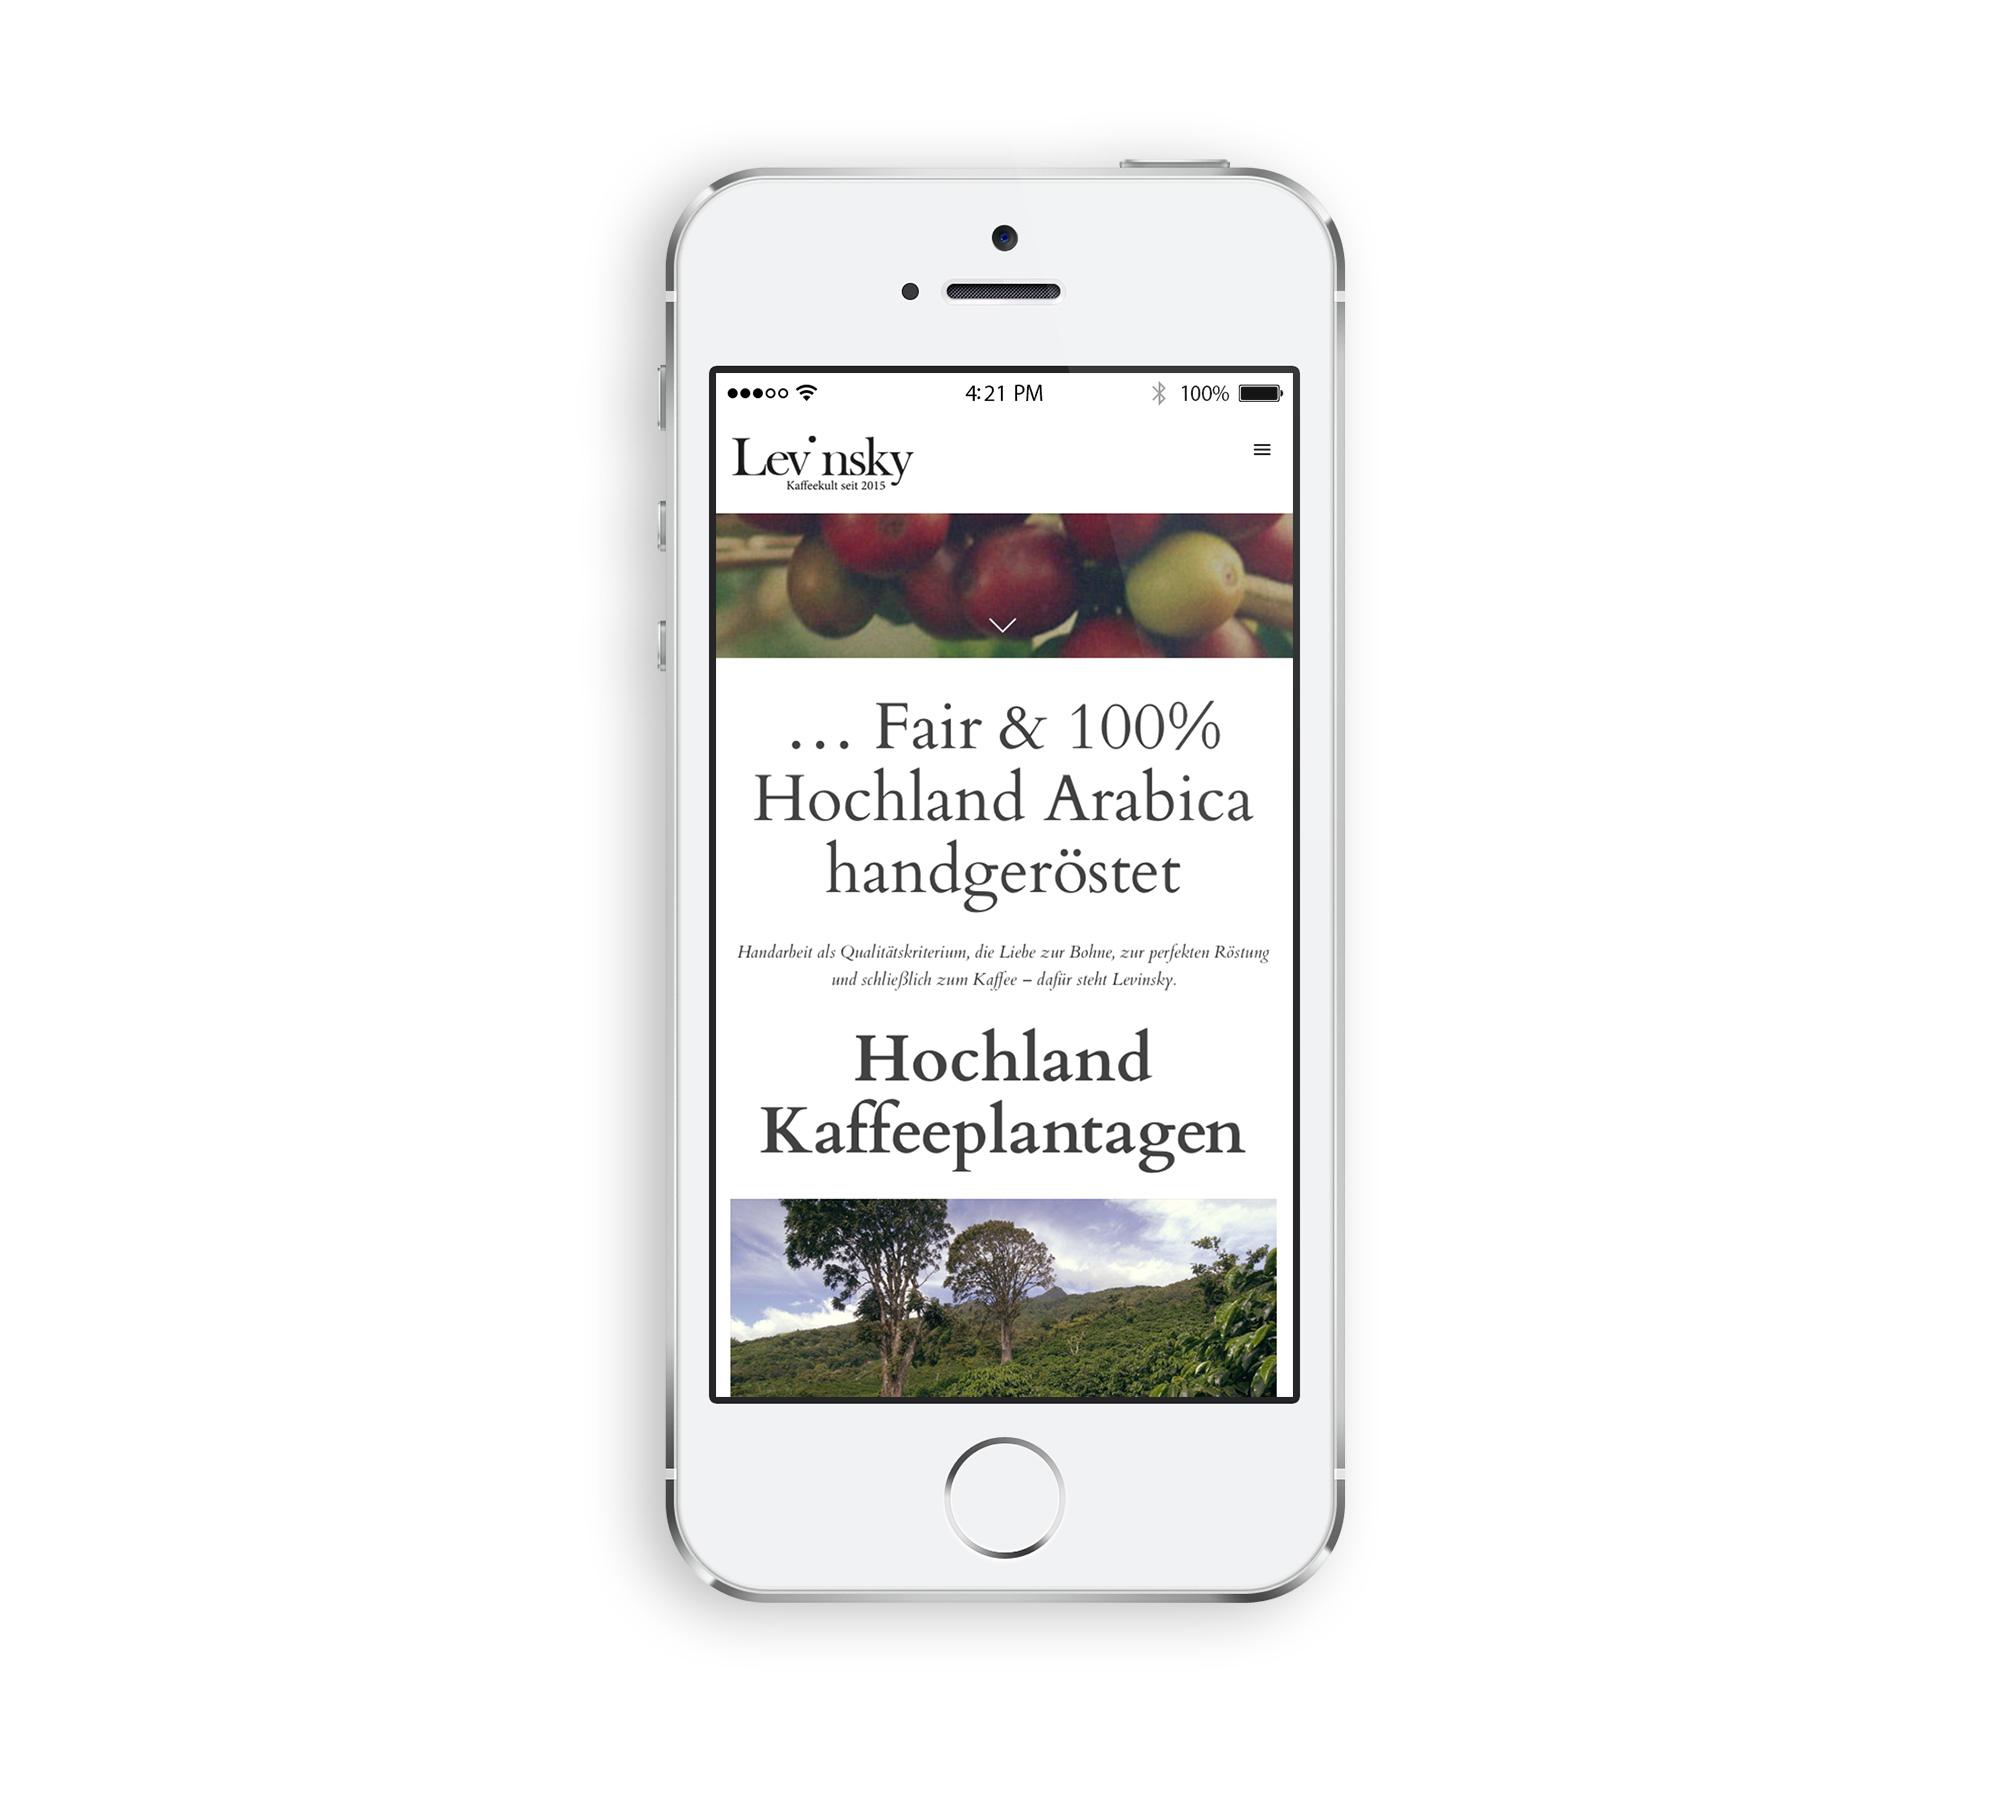 hp-levinsky-designkitchen-iphone2.jpg